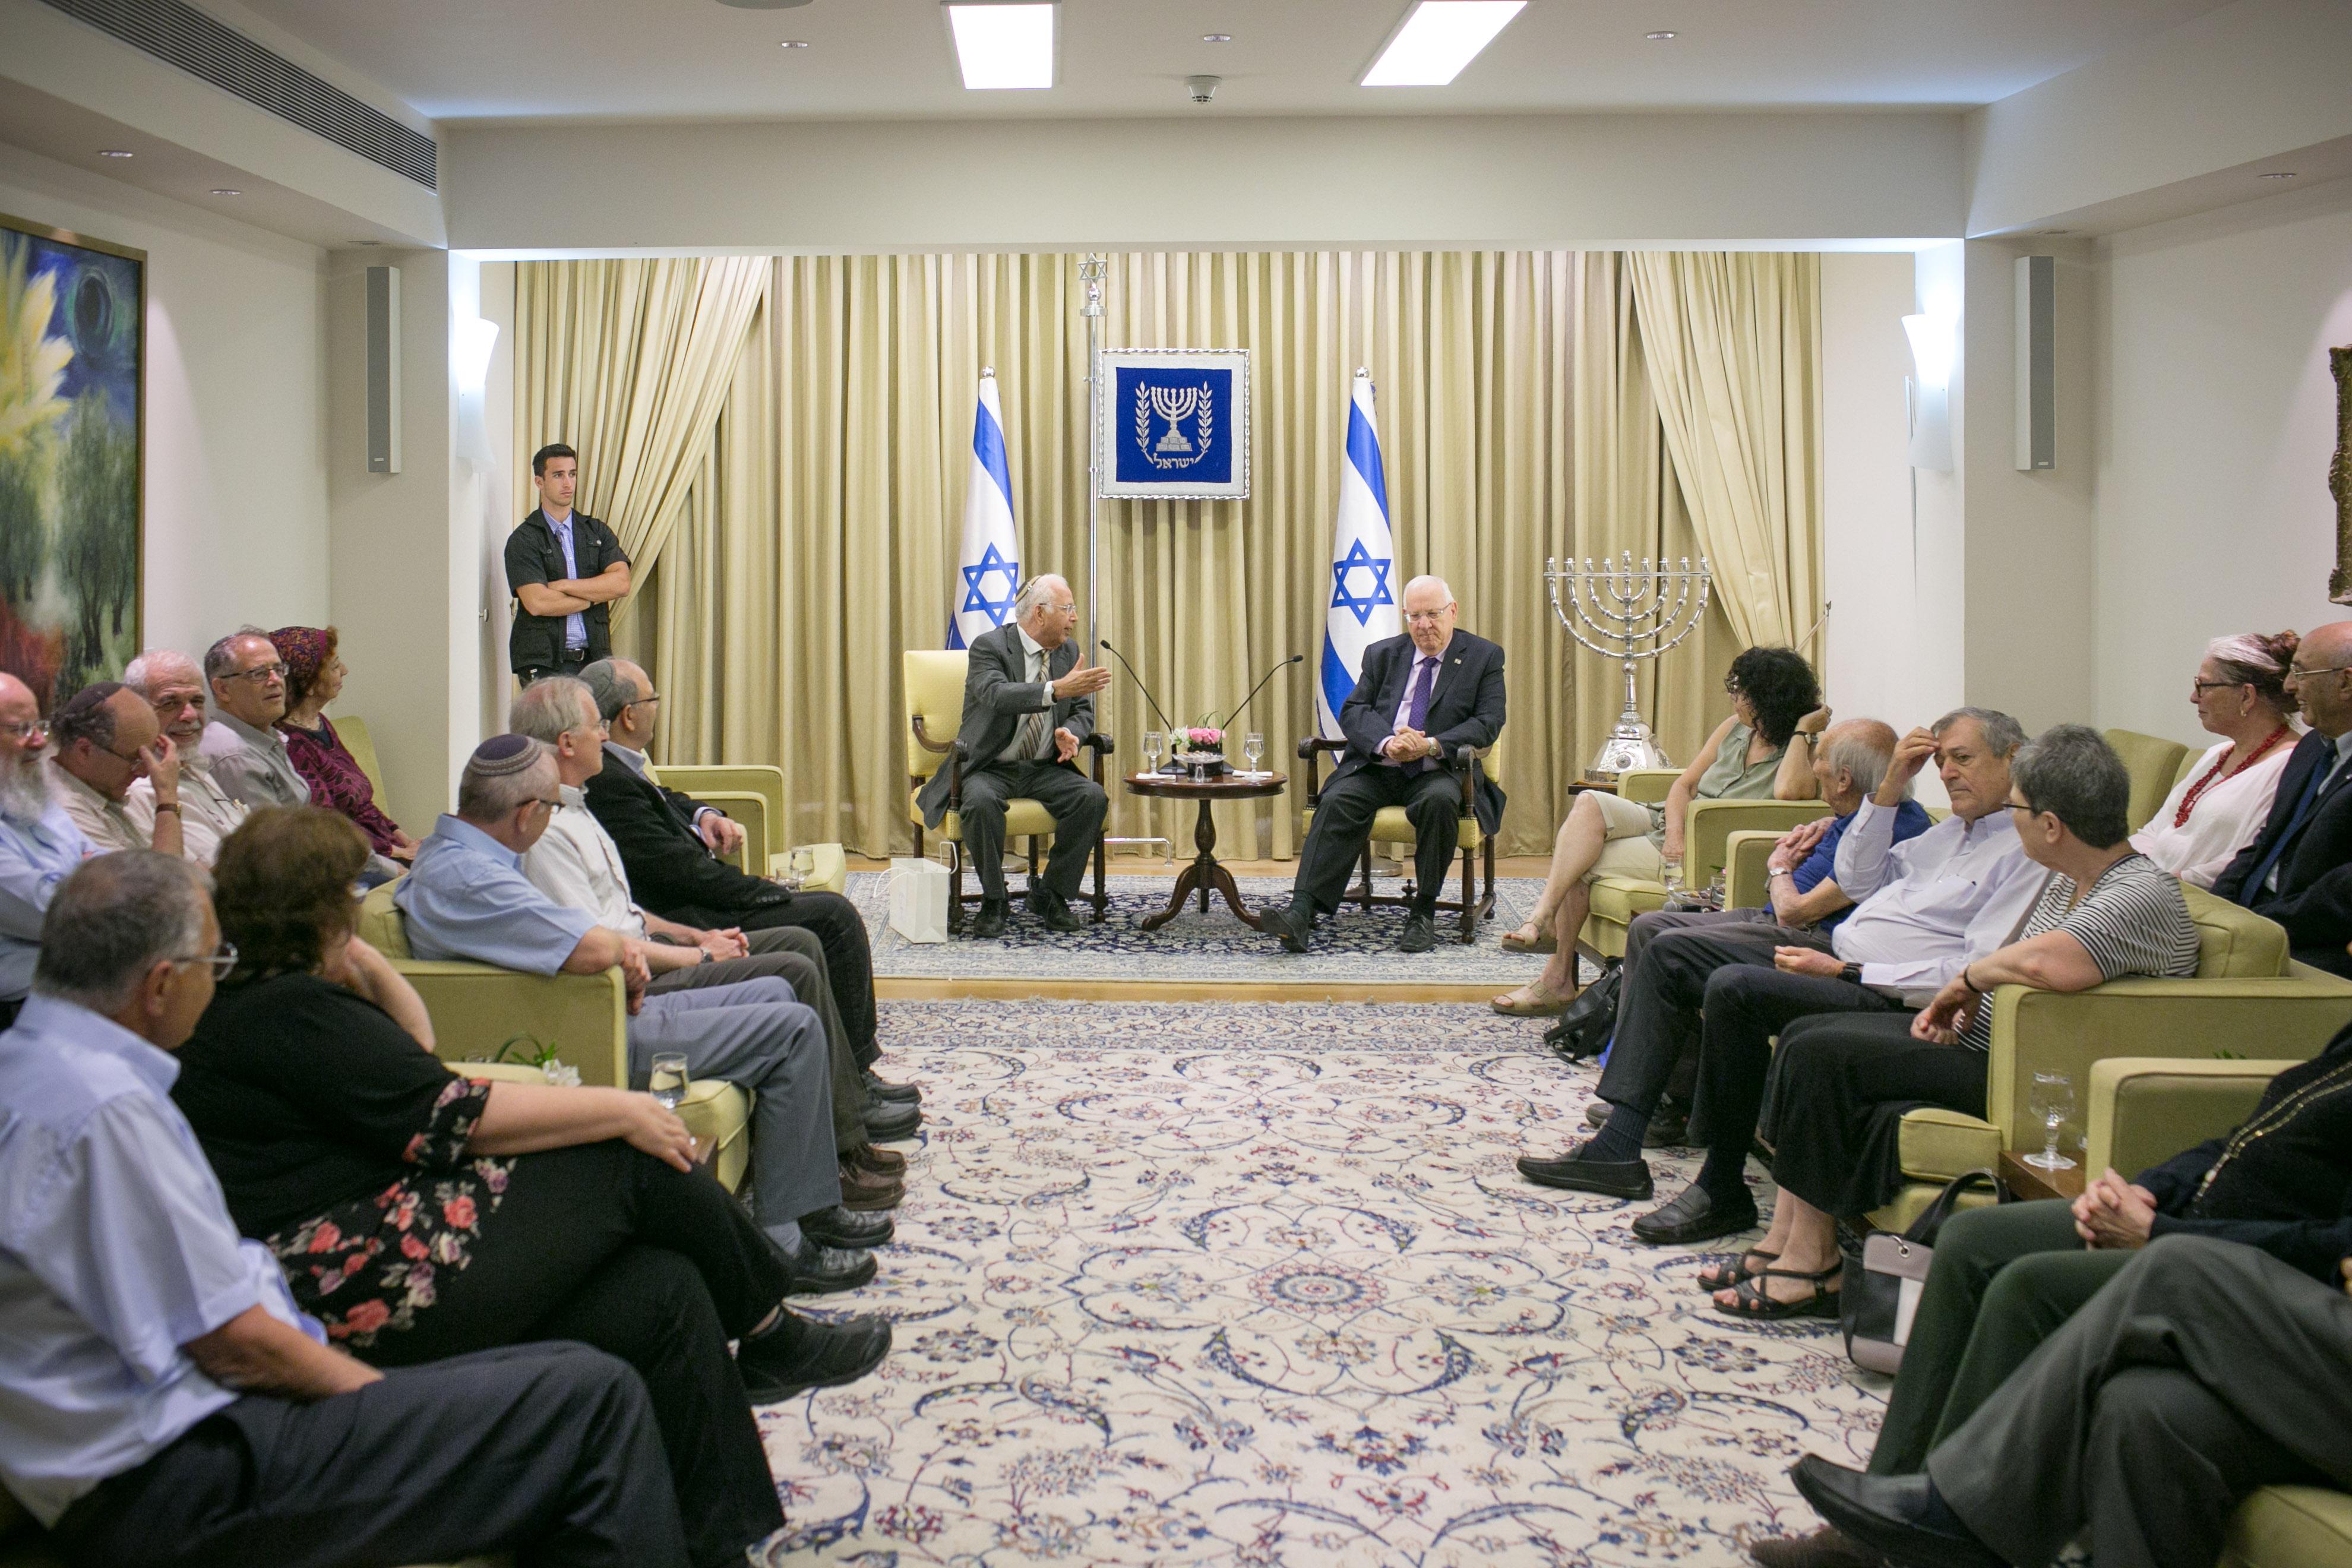 yeshivat melia 2017 beit hanasi 2